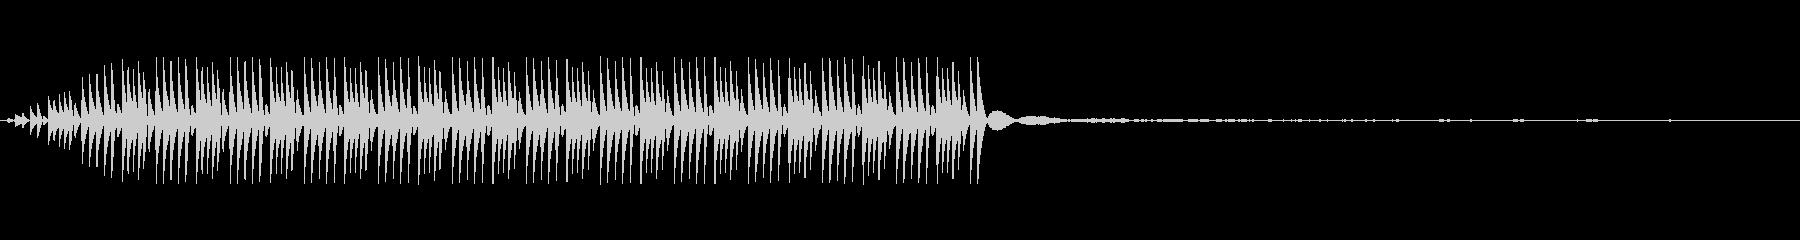 拒否,NG(8bit風)の未再生の波形